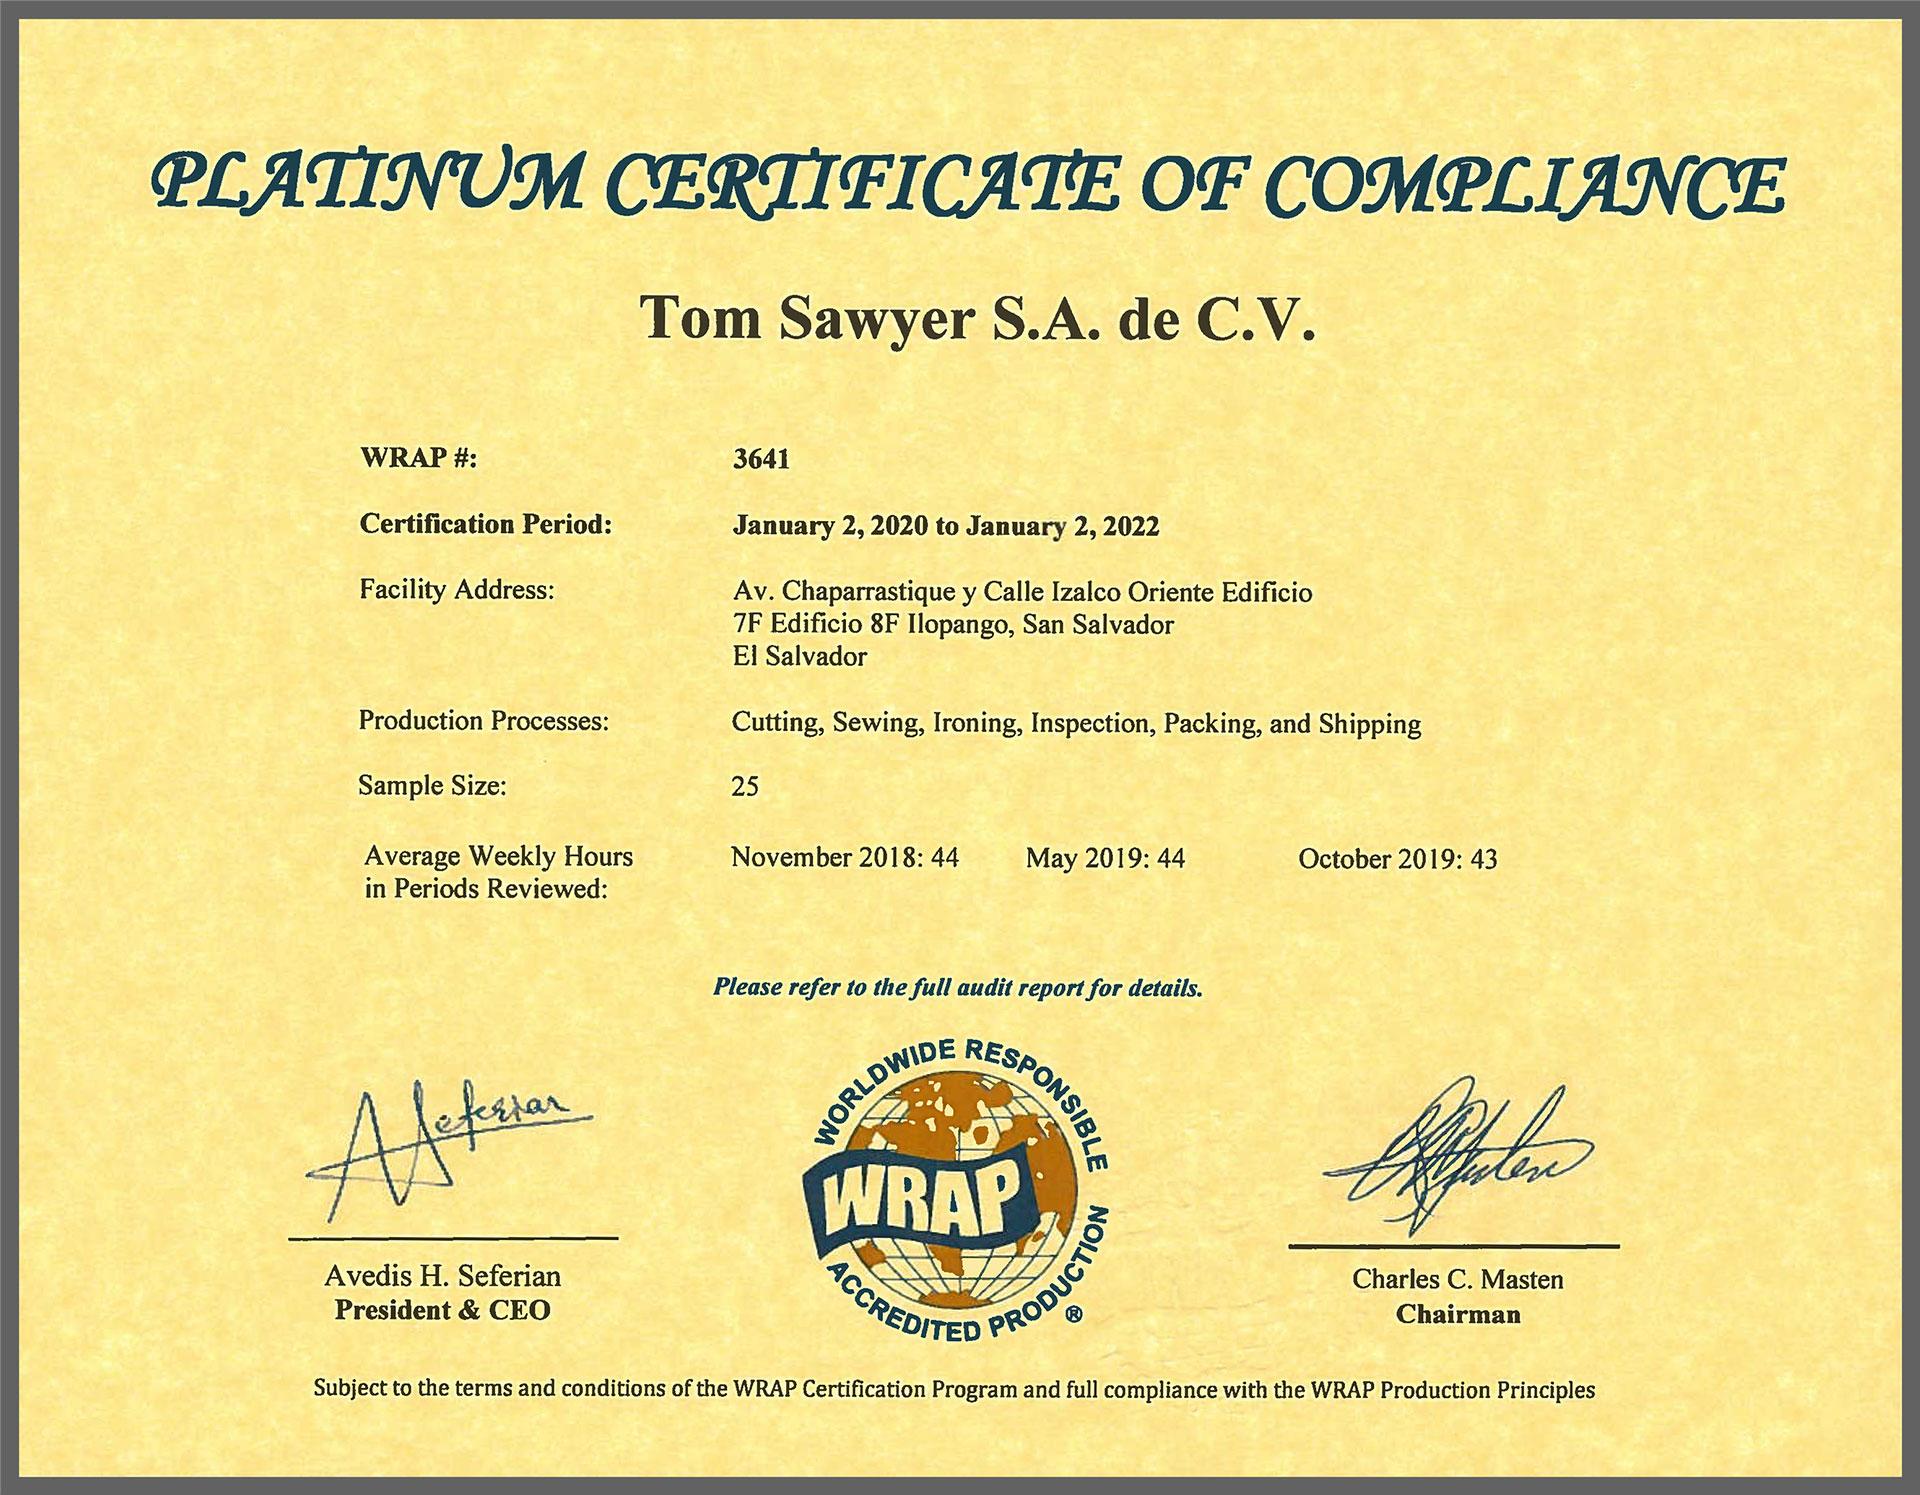 wrap-certificate-platinum